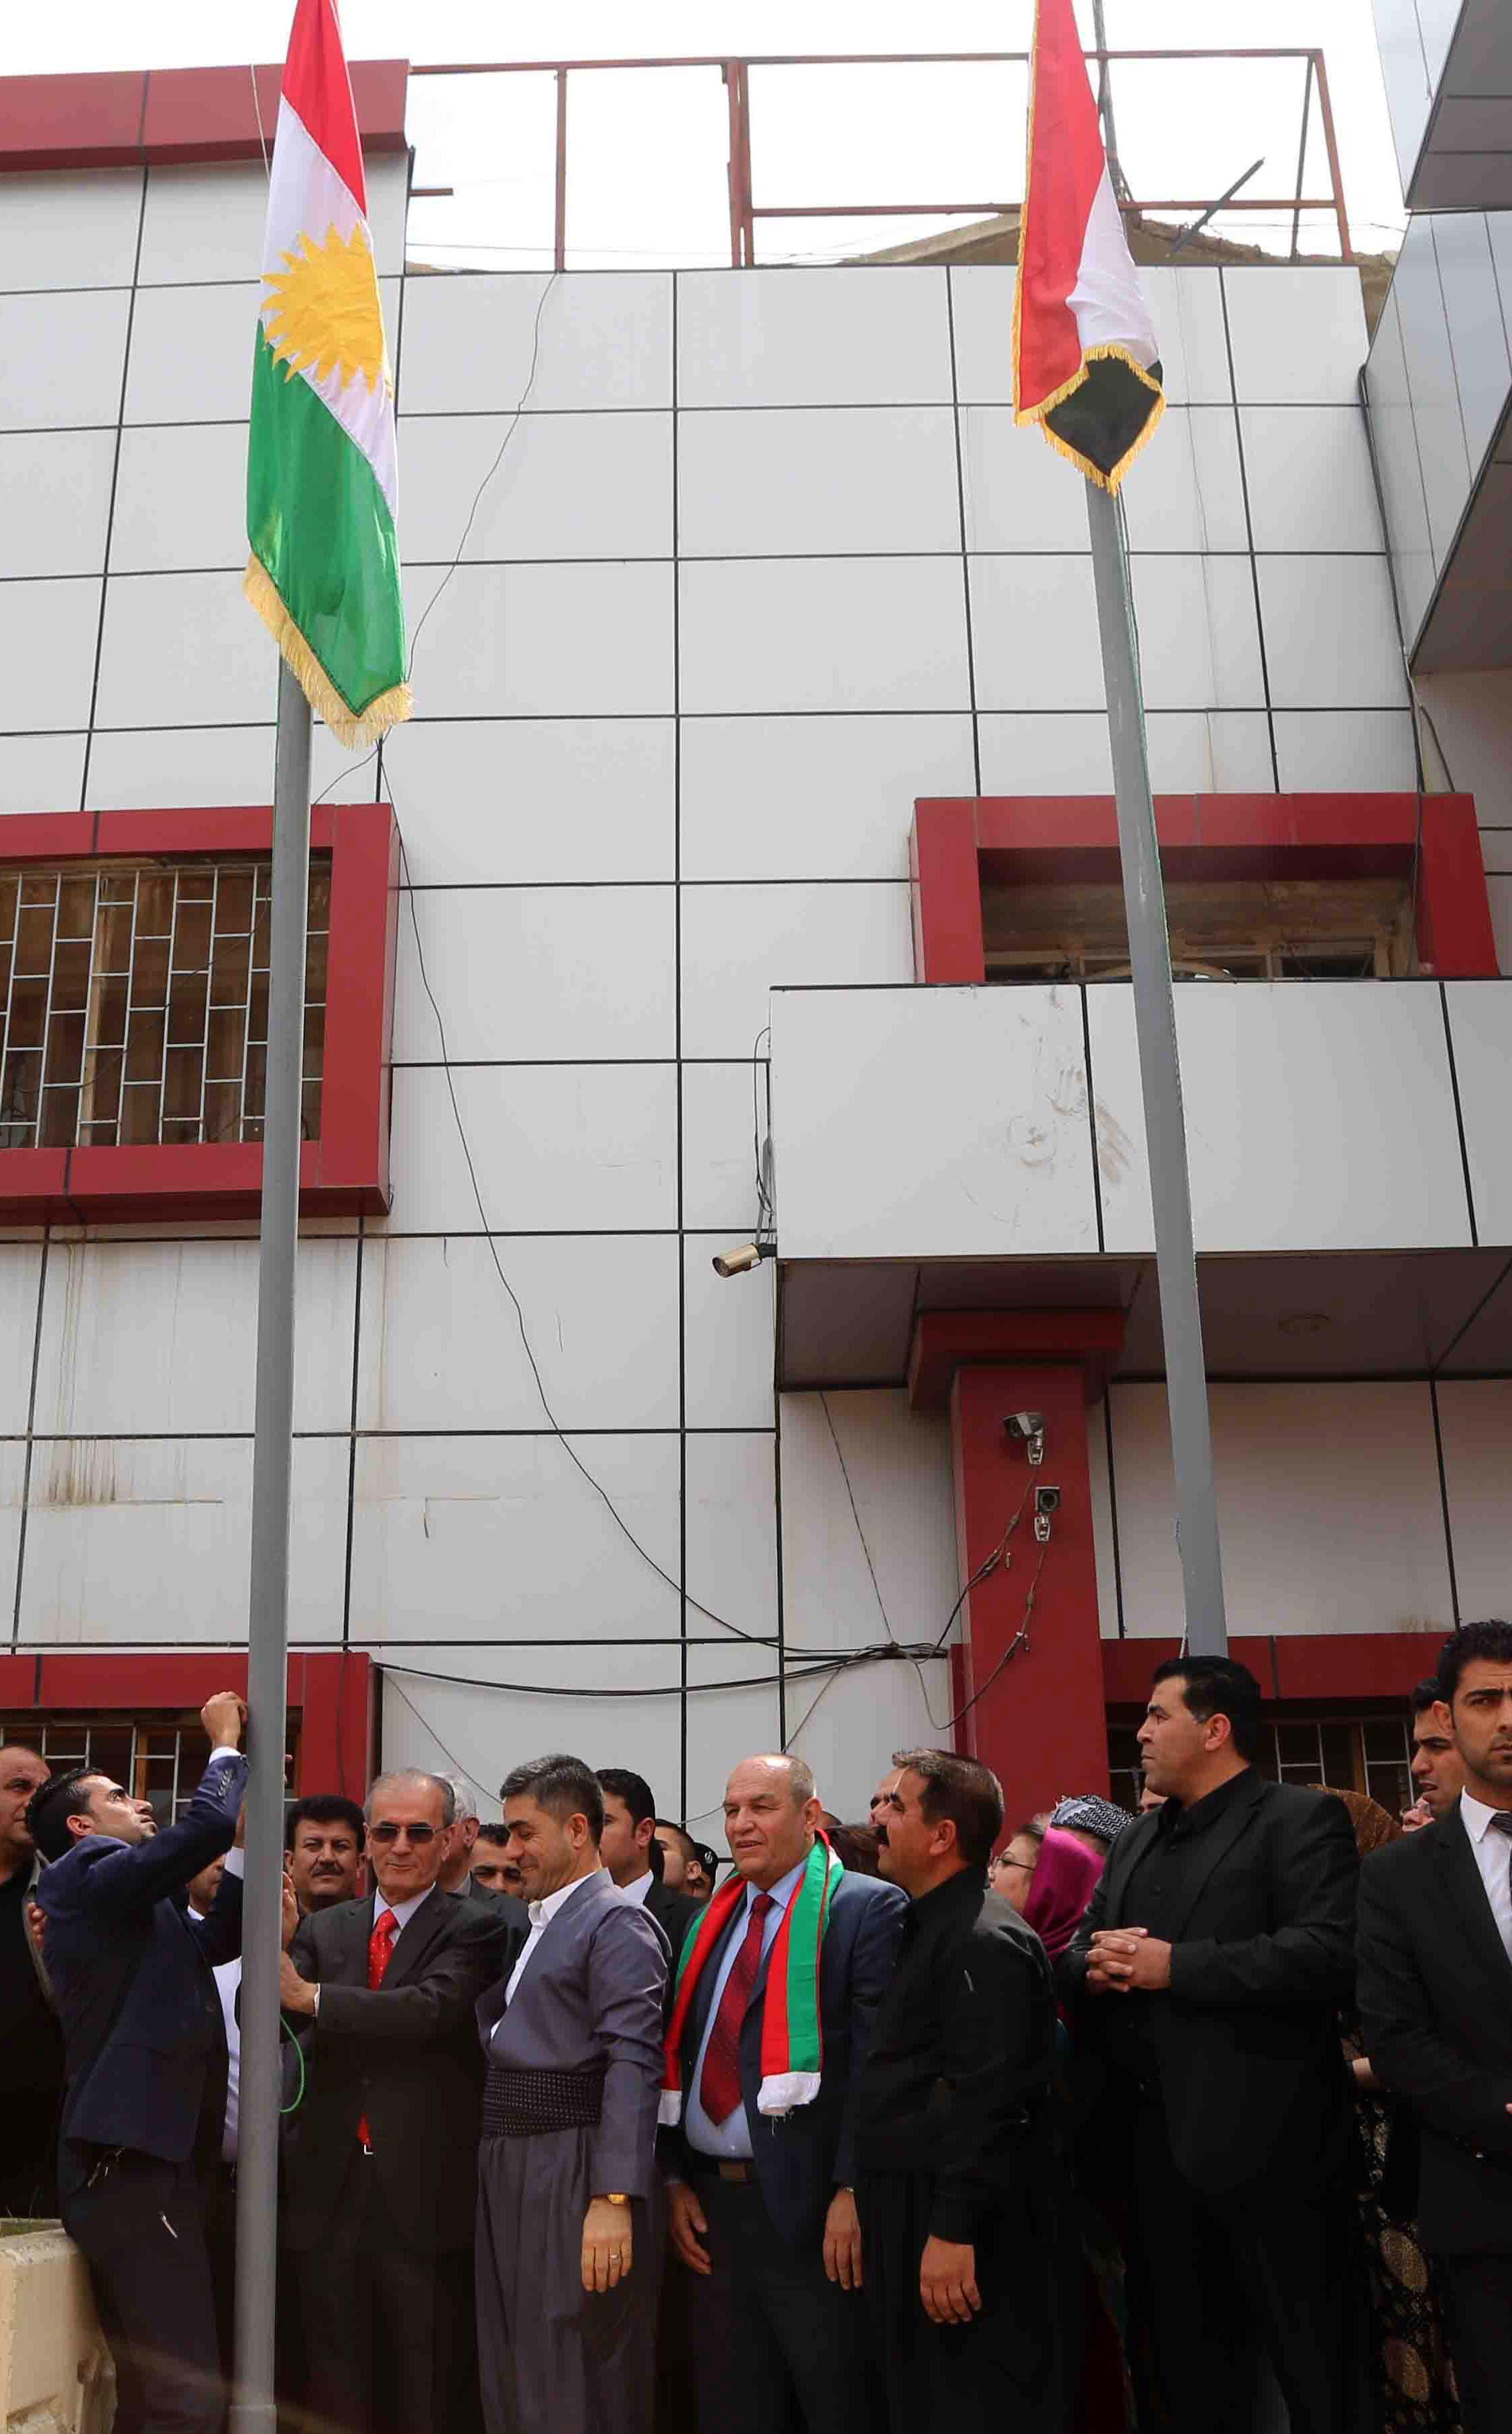 محافظ كركوك نجم الدين كريم يرفع العلم الكردي، إلى جانب العراقي، على مدخل مبنى حكومي في كركوك